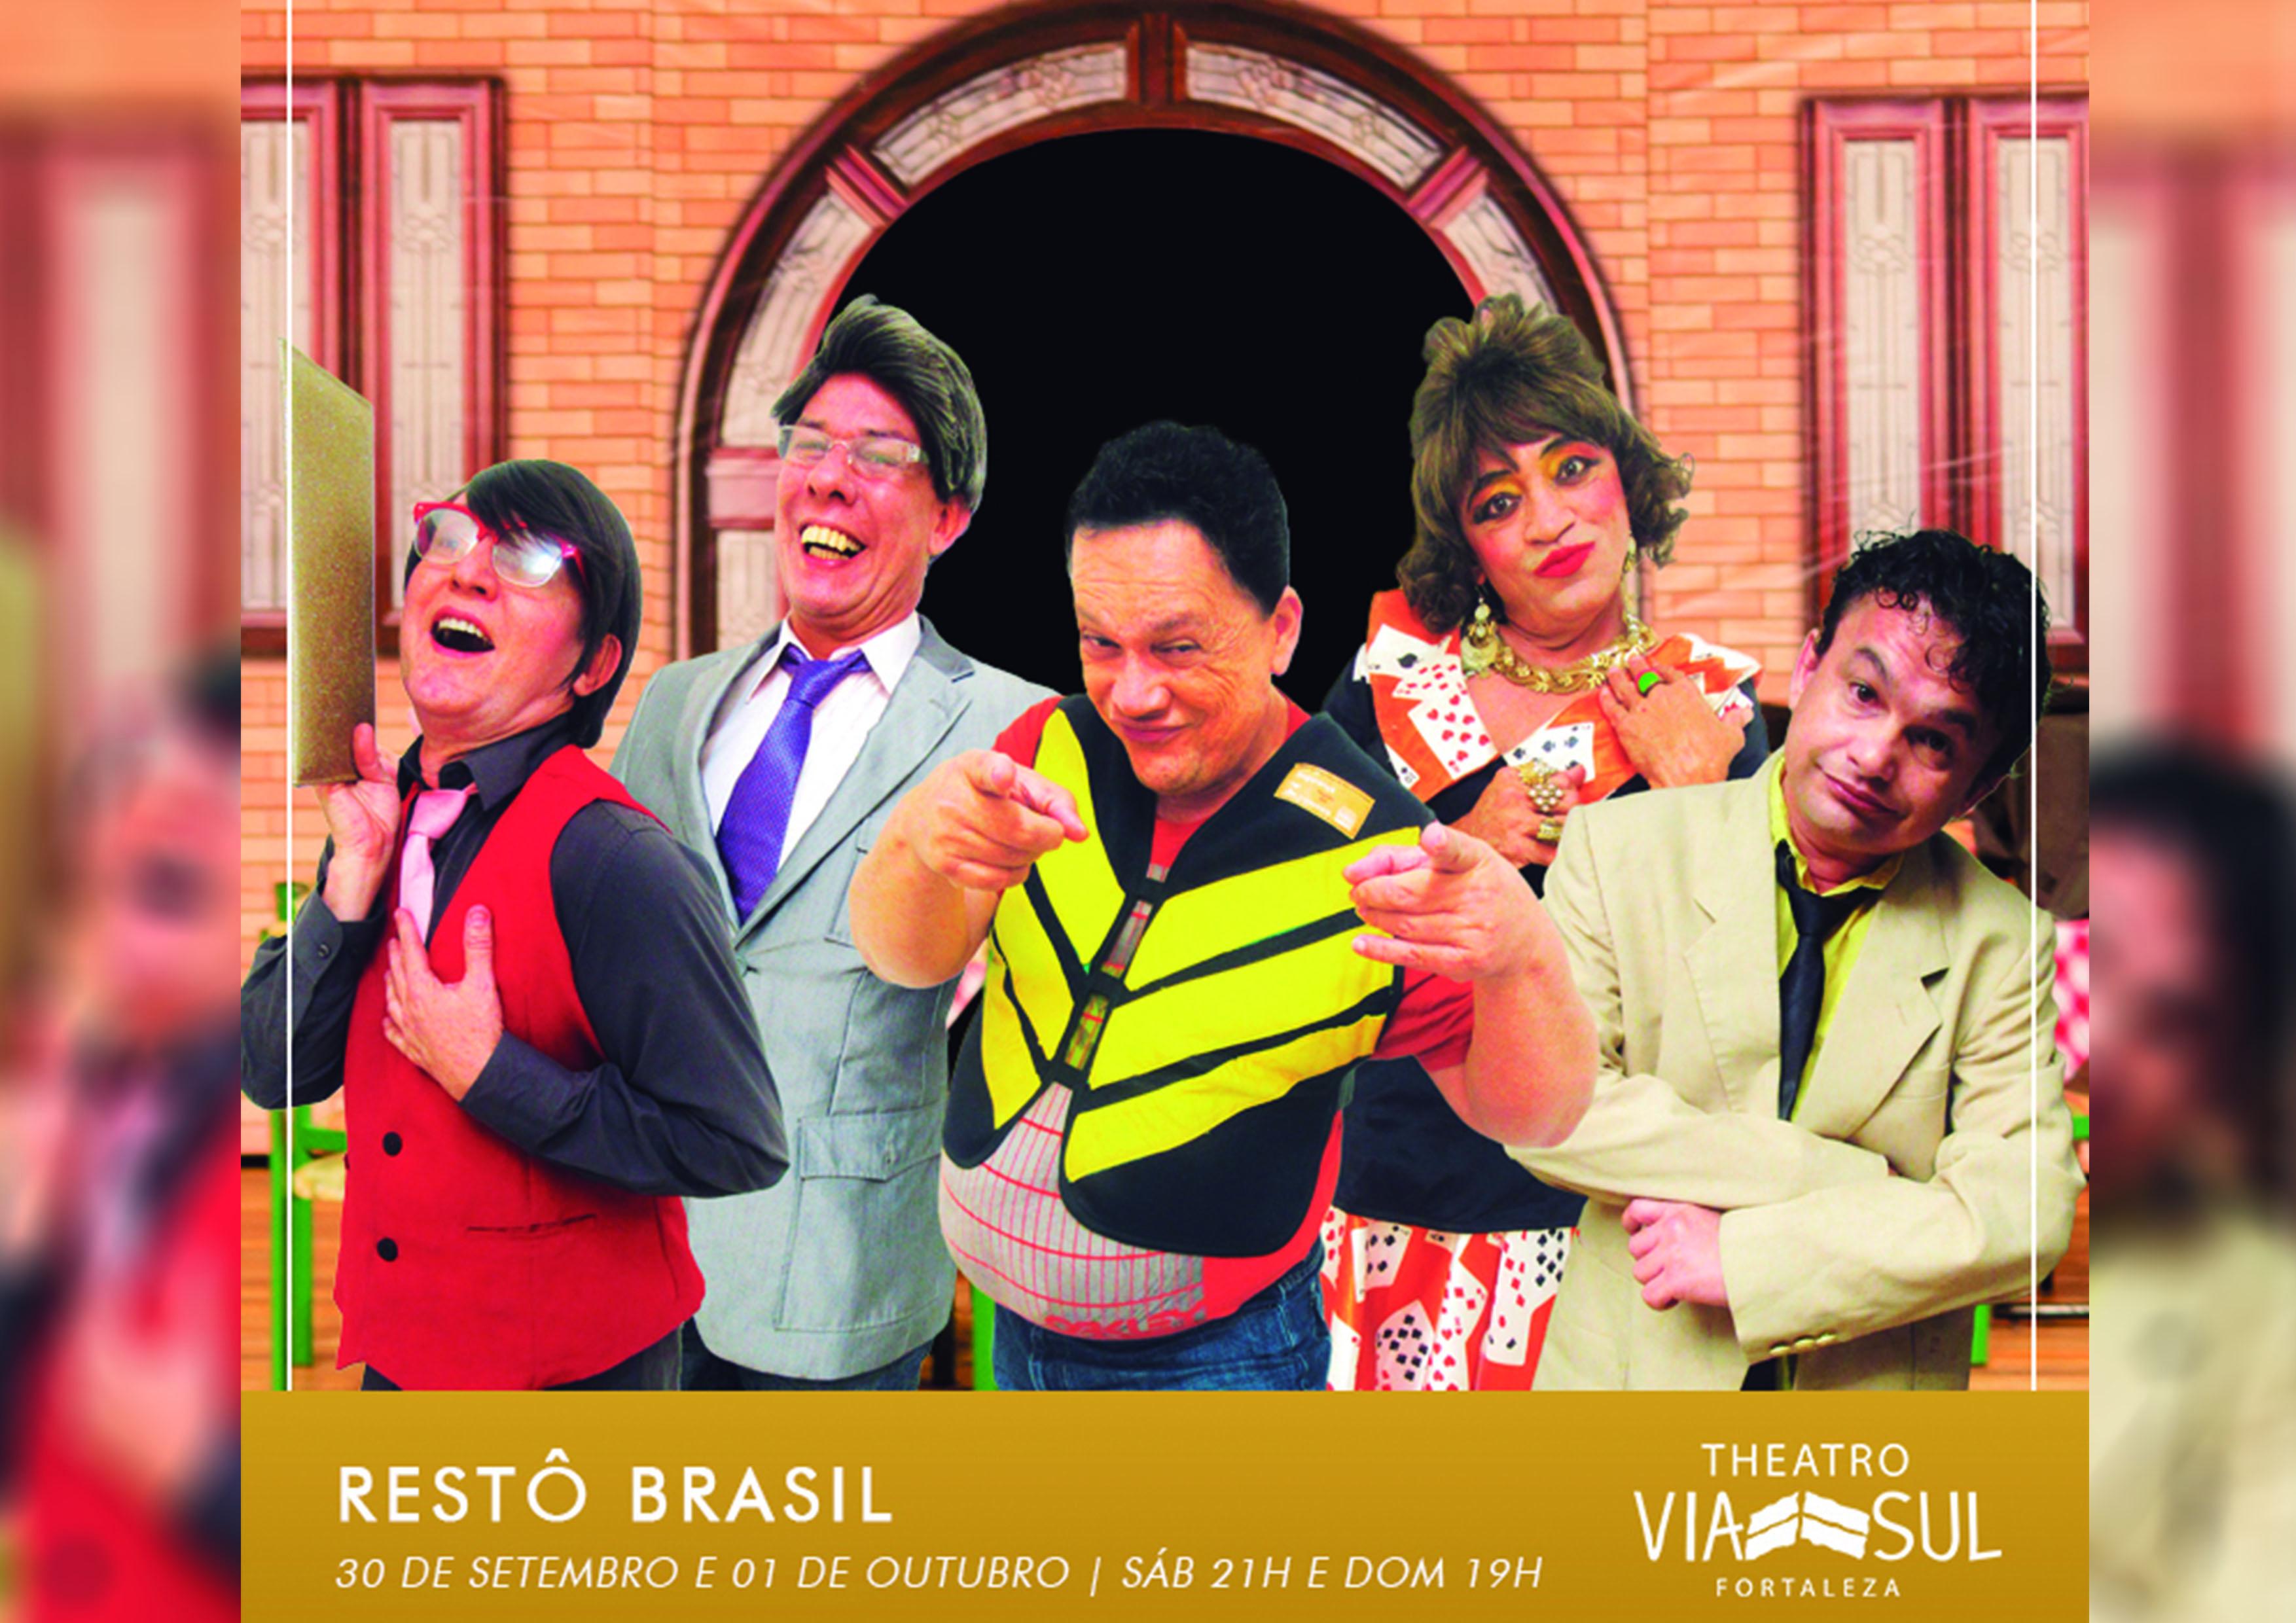 Restô Brasil - A Comédia: 5 grandes humoristas cearenses, um só espetáculo! 1 Ingresso Inteira Plateia Inferior para a comédia no Theatro Via Sul por R$15